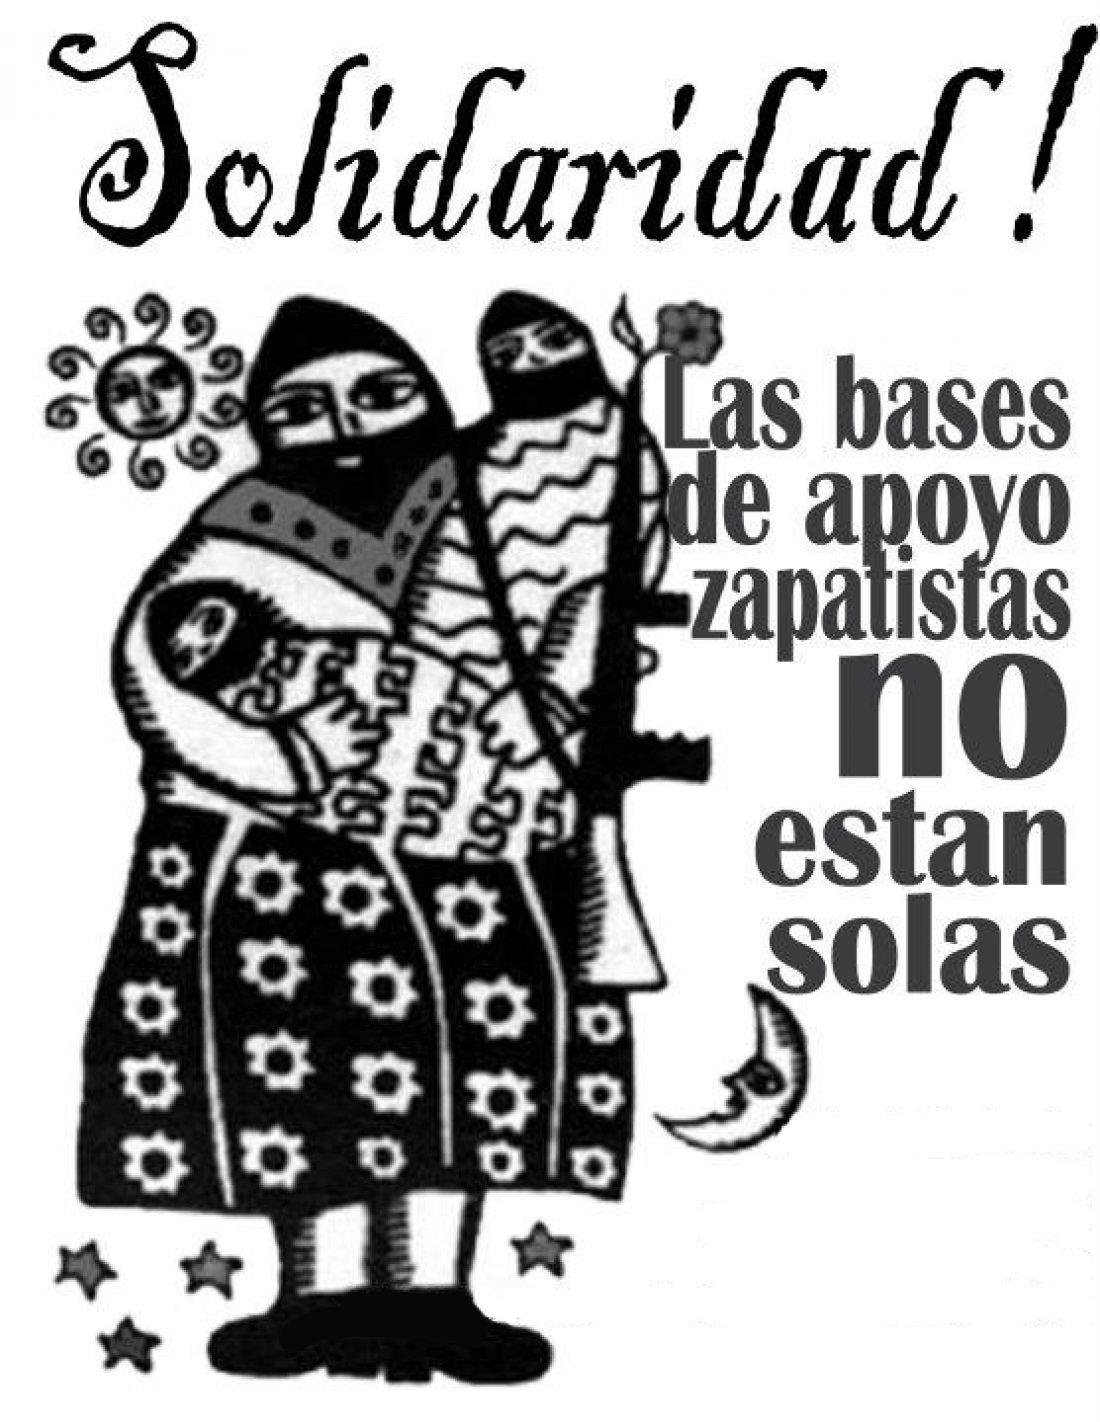 Acción Urgente de Solidaridad Internacional por agresiones y detenciones de Bases de Apoyo Zapatistas